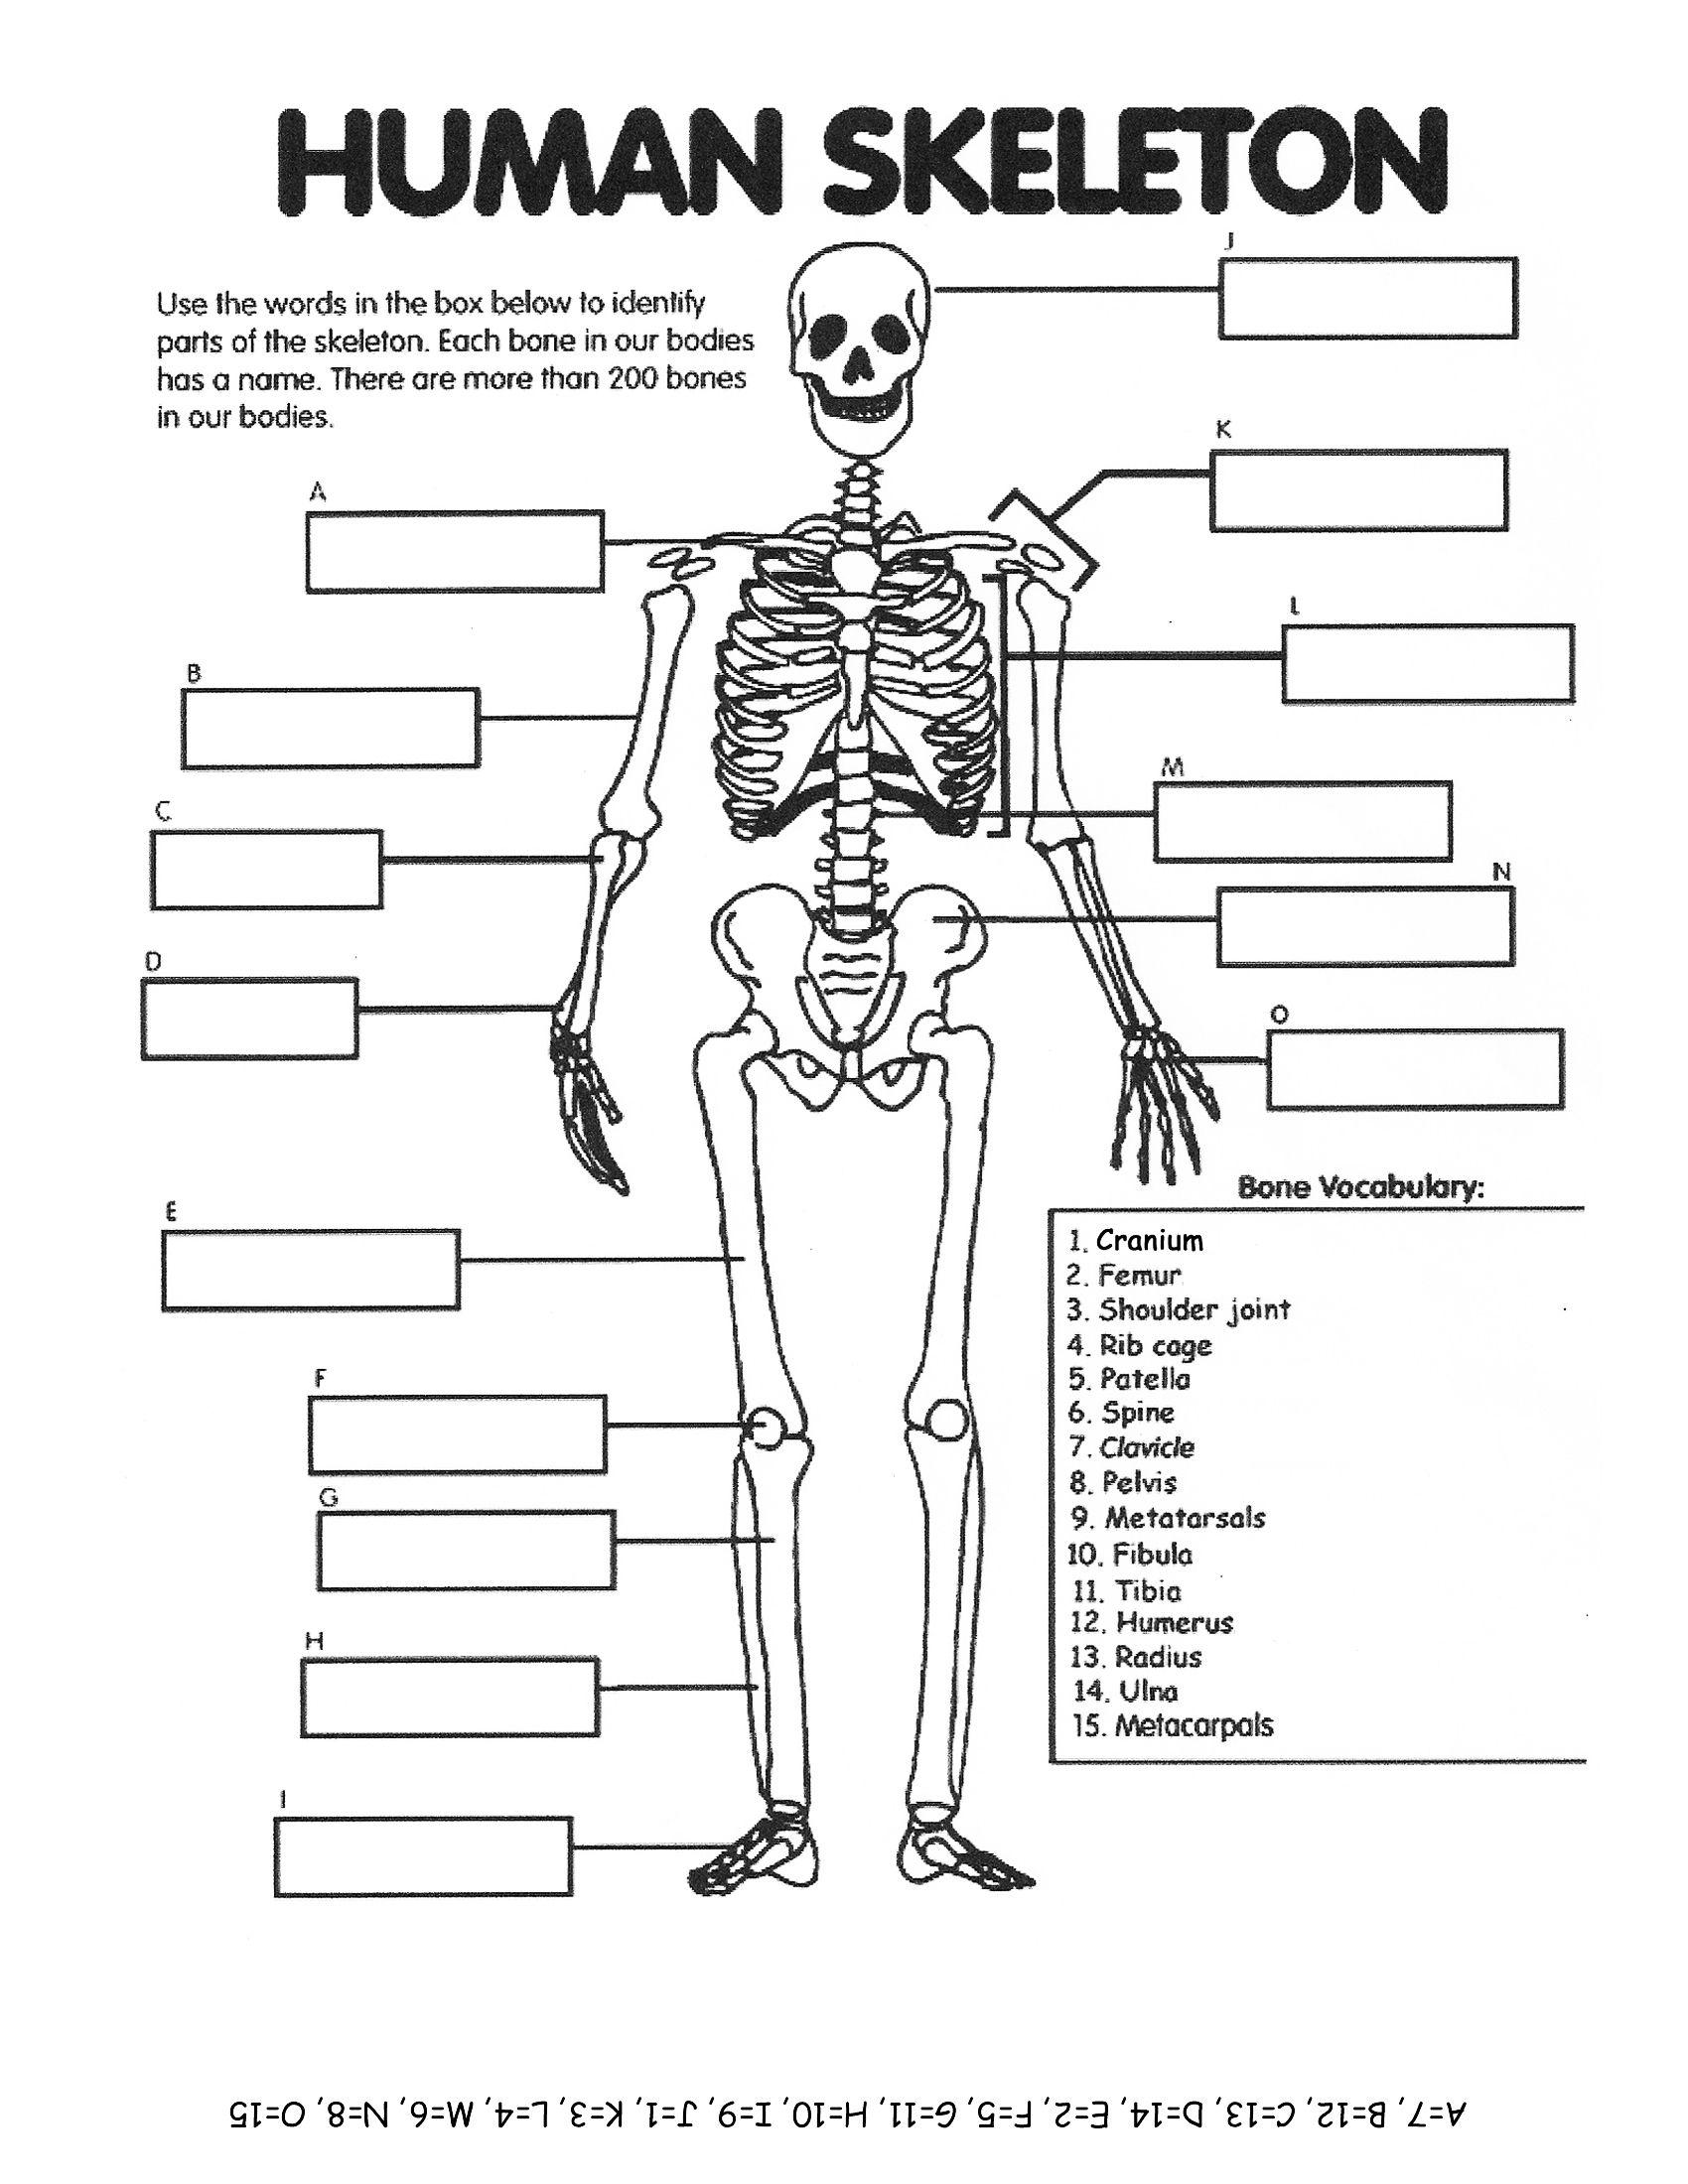 NO LINK - human skeleton elementary worksheet | Homeschool: Health ...